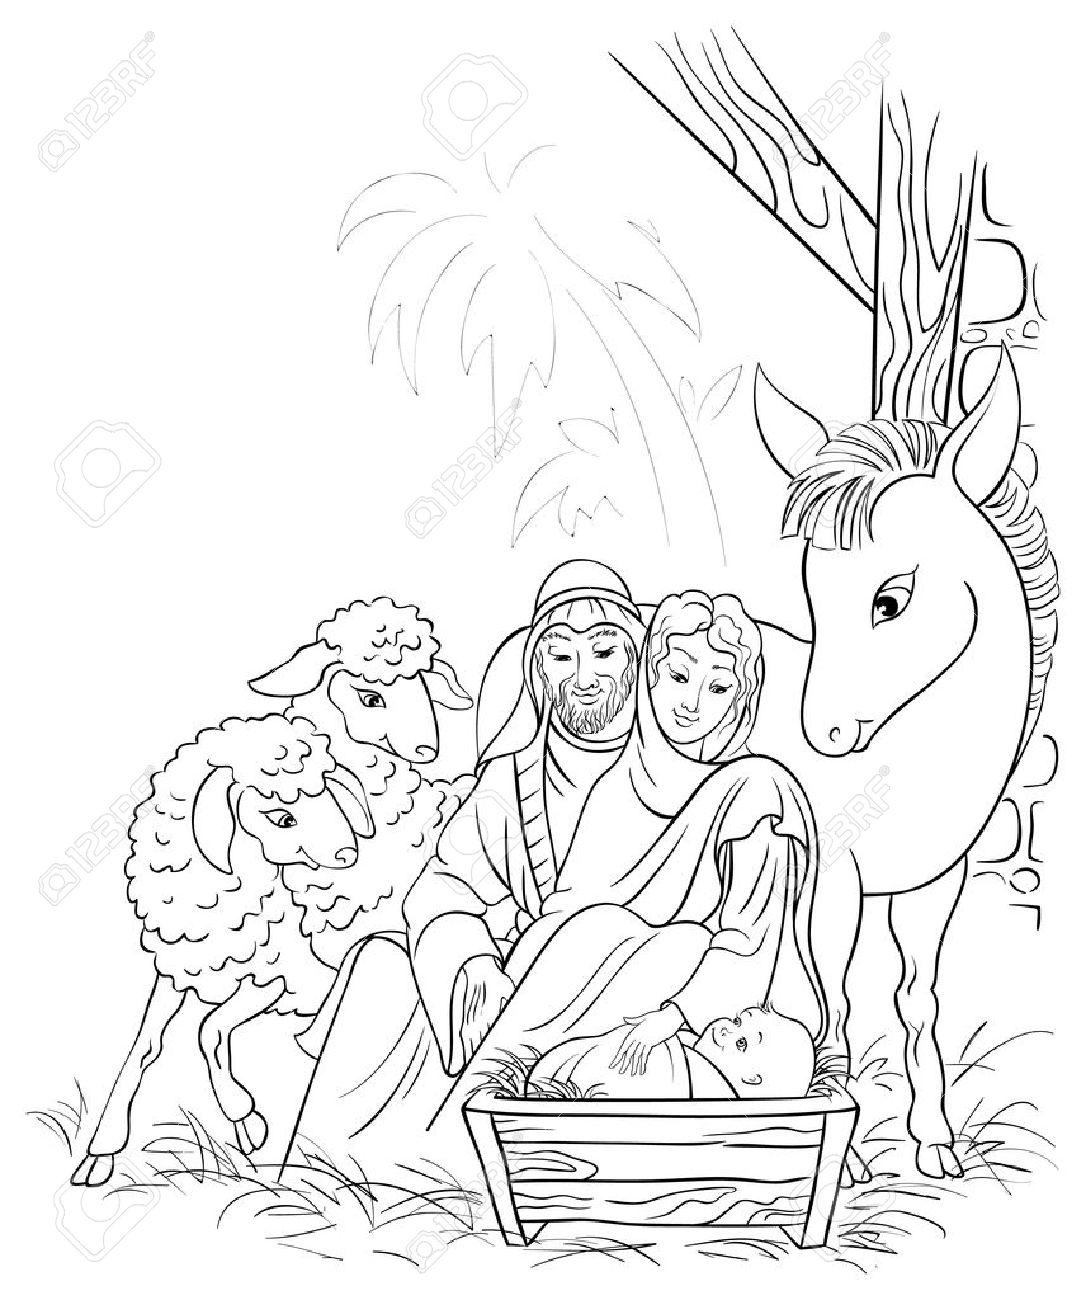 Illustration En Noir Et Blanc De Crèche De Noël Avec La Sainte ...